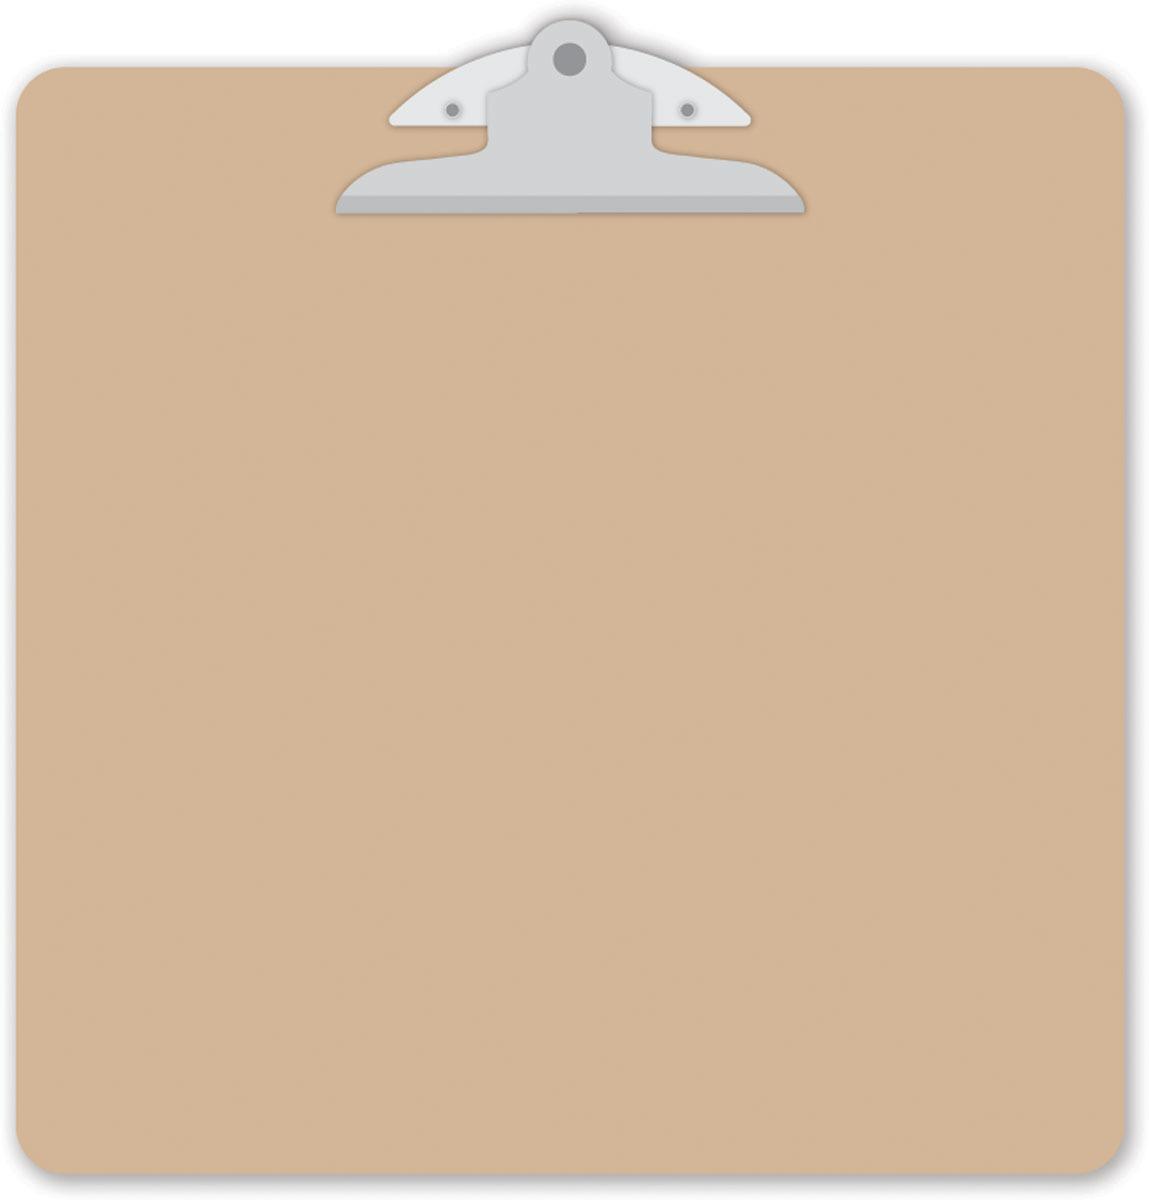 Clipboard clipart brown. Doodlebug design natural